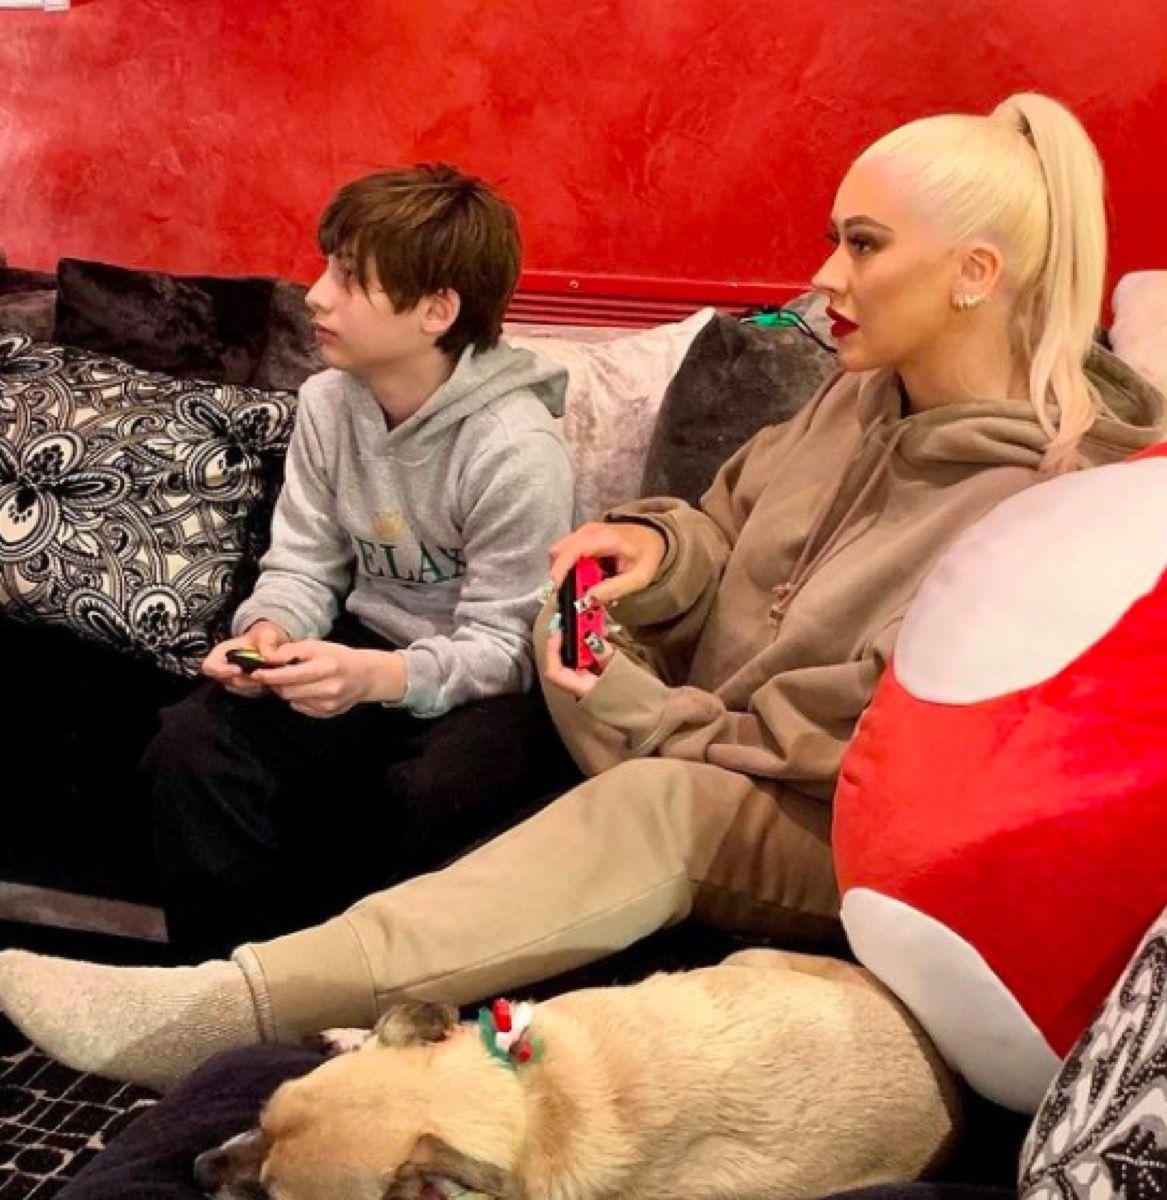 Christina Aguilera acaba de compartir algunas fotos raras de sus adorables hijos